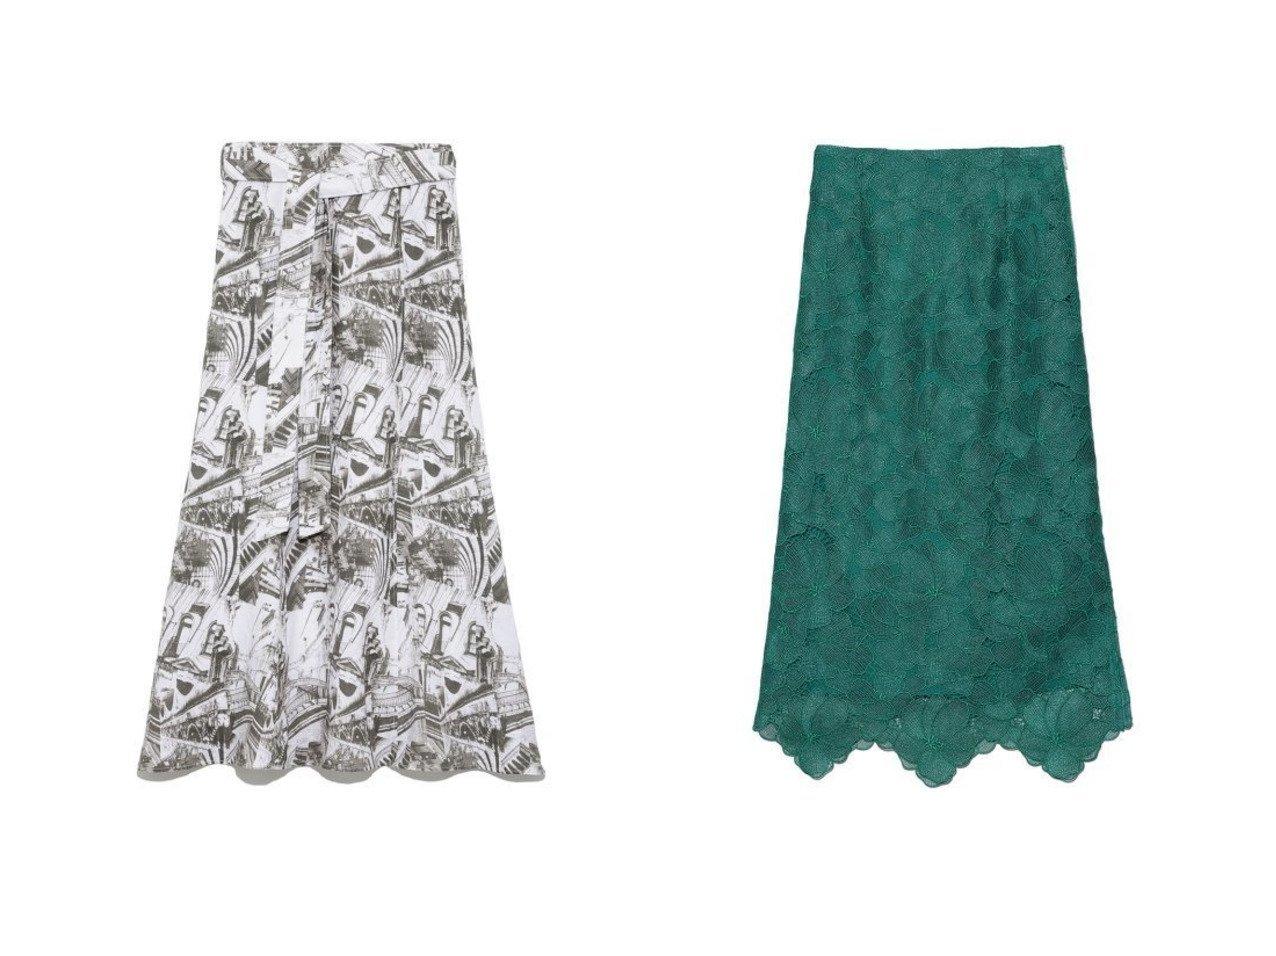 【Mila Owen/ミラオーウェン】の後巻き風麻フレアスカート&【FRAY I.D/フレイ アイディー】のシアーラメフラワーレーススカート 【スカート】おすすめ!人気、トレンド・レディースファッションの通販 おすすめで人気の流行・トレンド、ファッションの通販商品 インテリア・家具・メンズファッション・キッズファッション・レディースファッション・服の通販 founy(ファニー) https://founy.com/ ファッション Fashion レディースファッション WOMEN スカート Skirt Aライン/フレアスカート Flared A-Line Skirts ウォッシャブル シンプル スマート フレア フレンチ フロント ミックス リネン NEW・新作・新着・新入荷 New Arrivals |ID:crp329100000044068